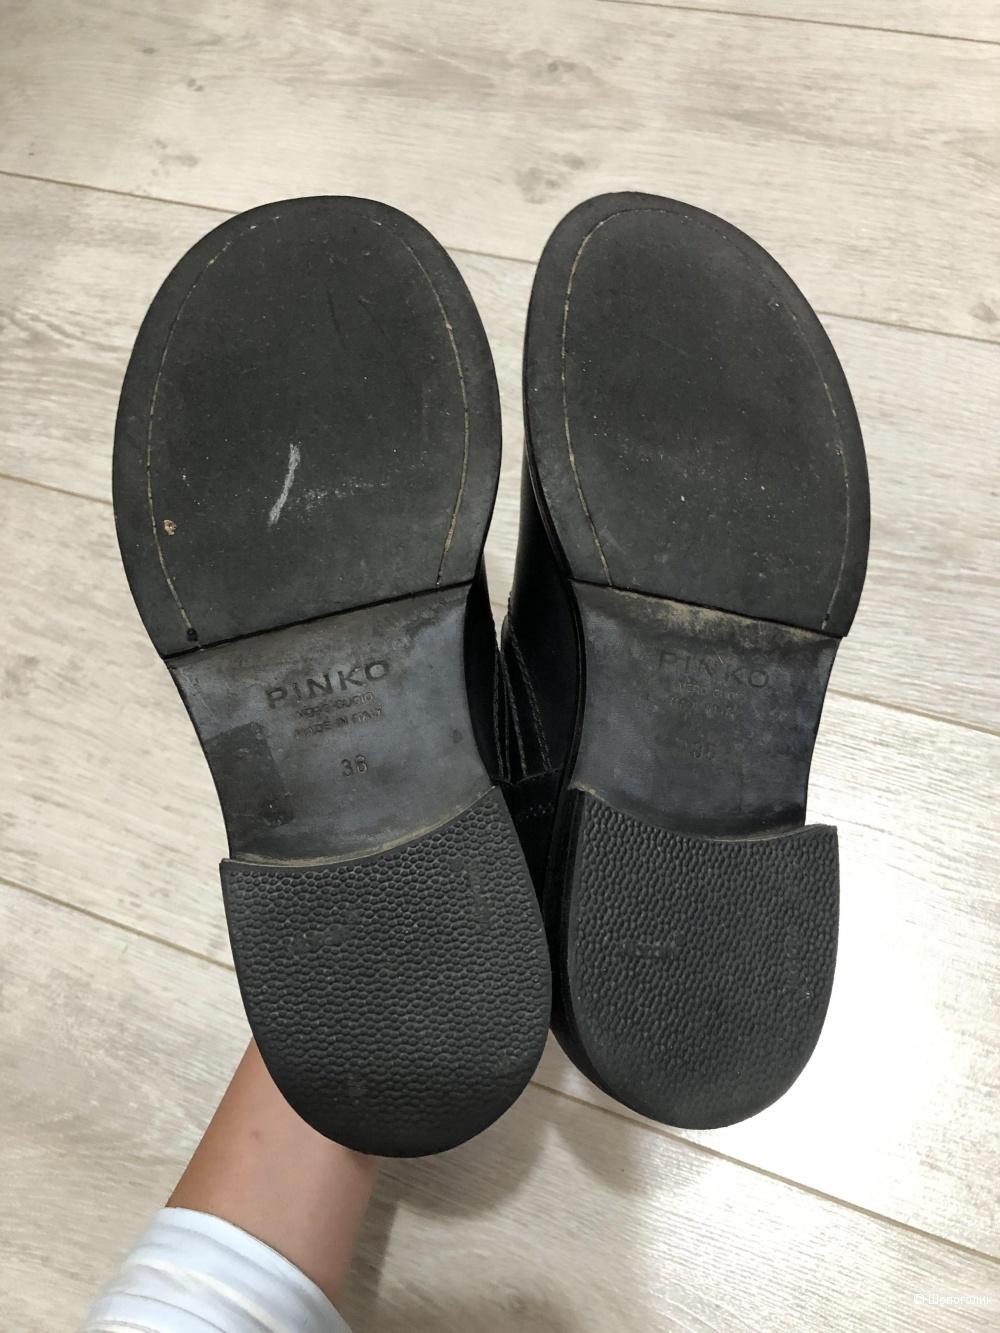 Ботинки Pinko размер 36